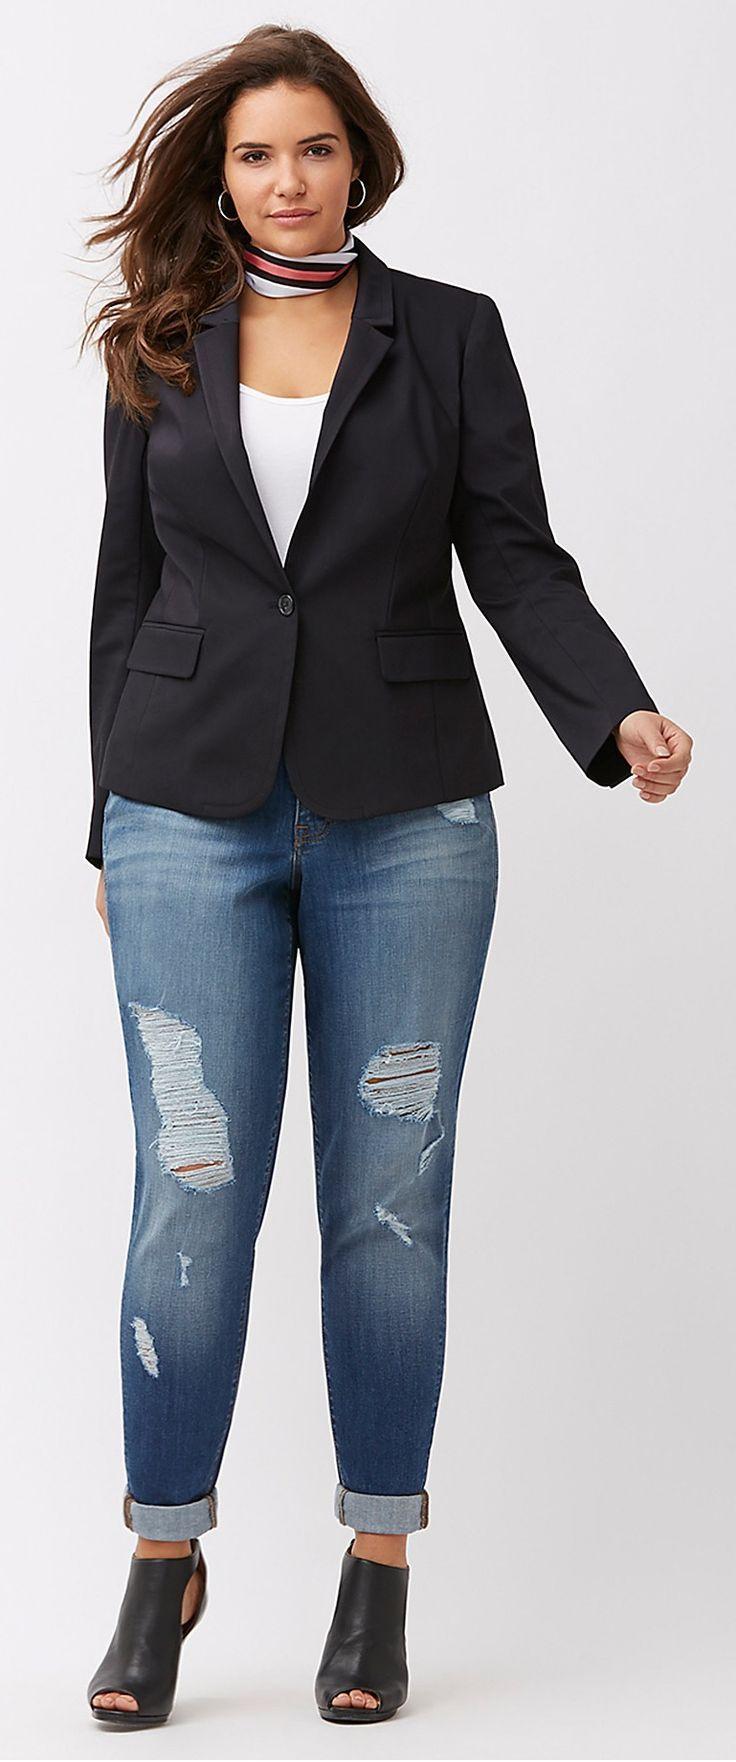 25+ best ideas about Lane bryant on Pinterest | Plus size summer clothes Plus size smart ...